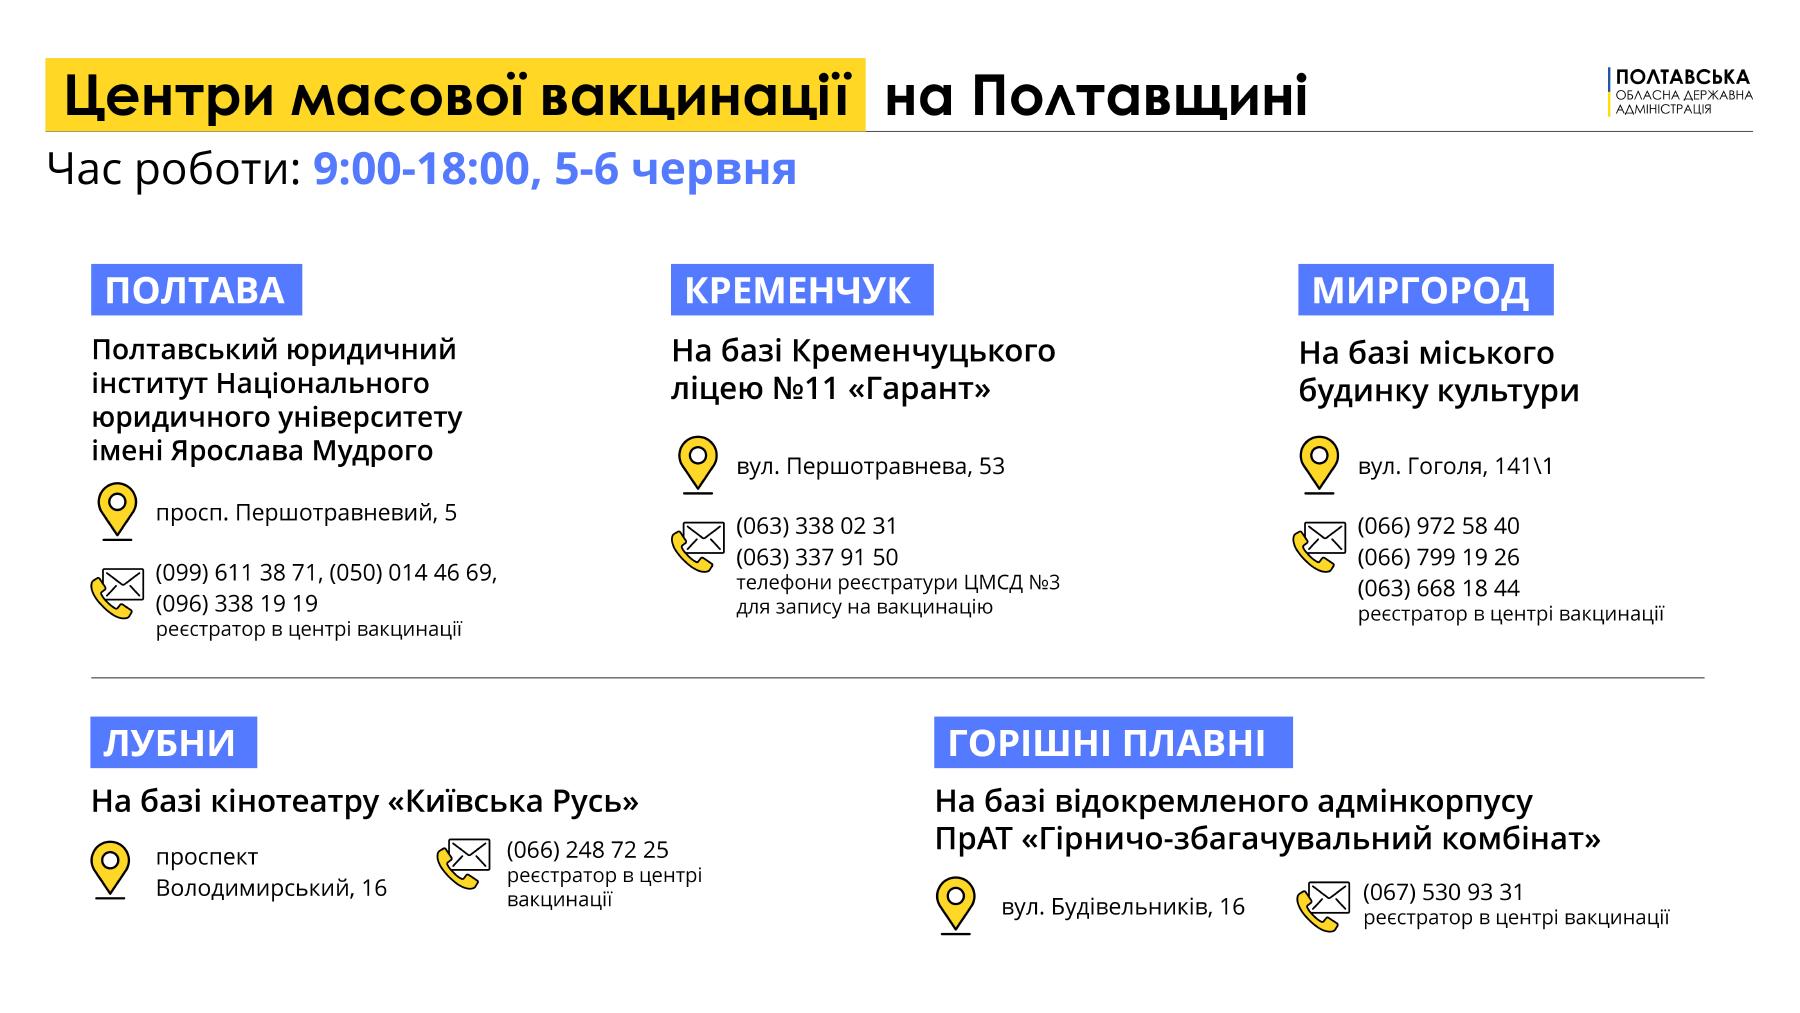 Центри масової вакцинації від COVID-19 на Полтавщині